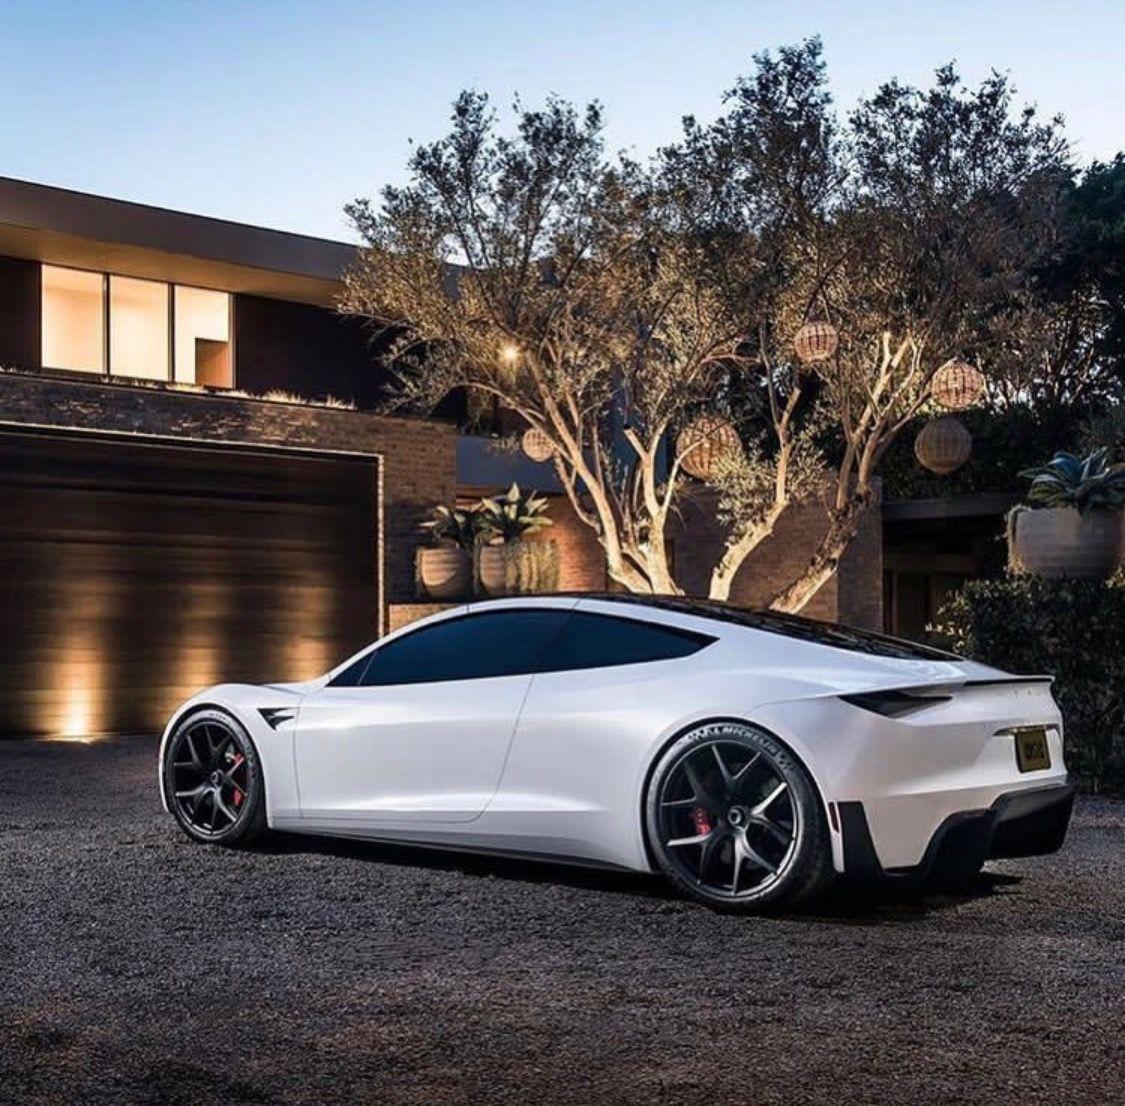 Tesla Motors Images Tesla Model S Larson Sketches: Tesla Roadster, Electric